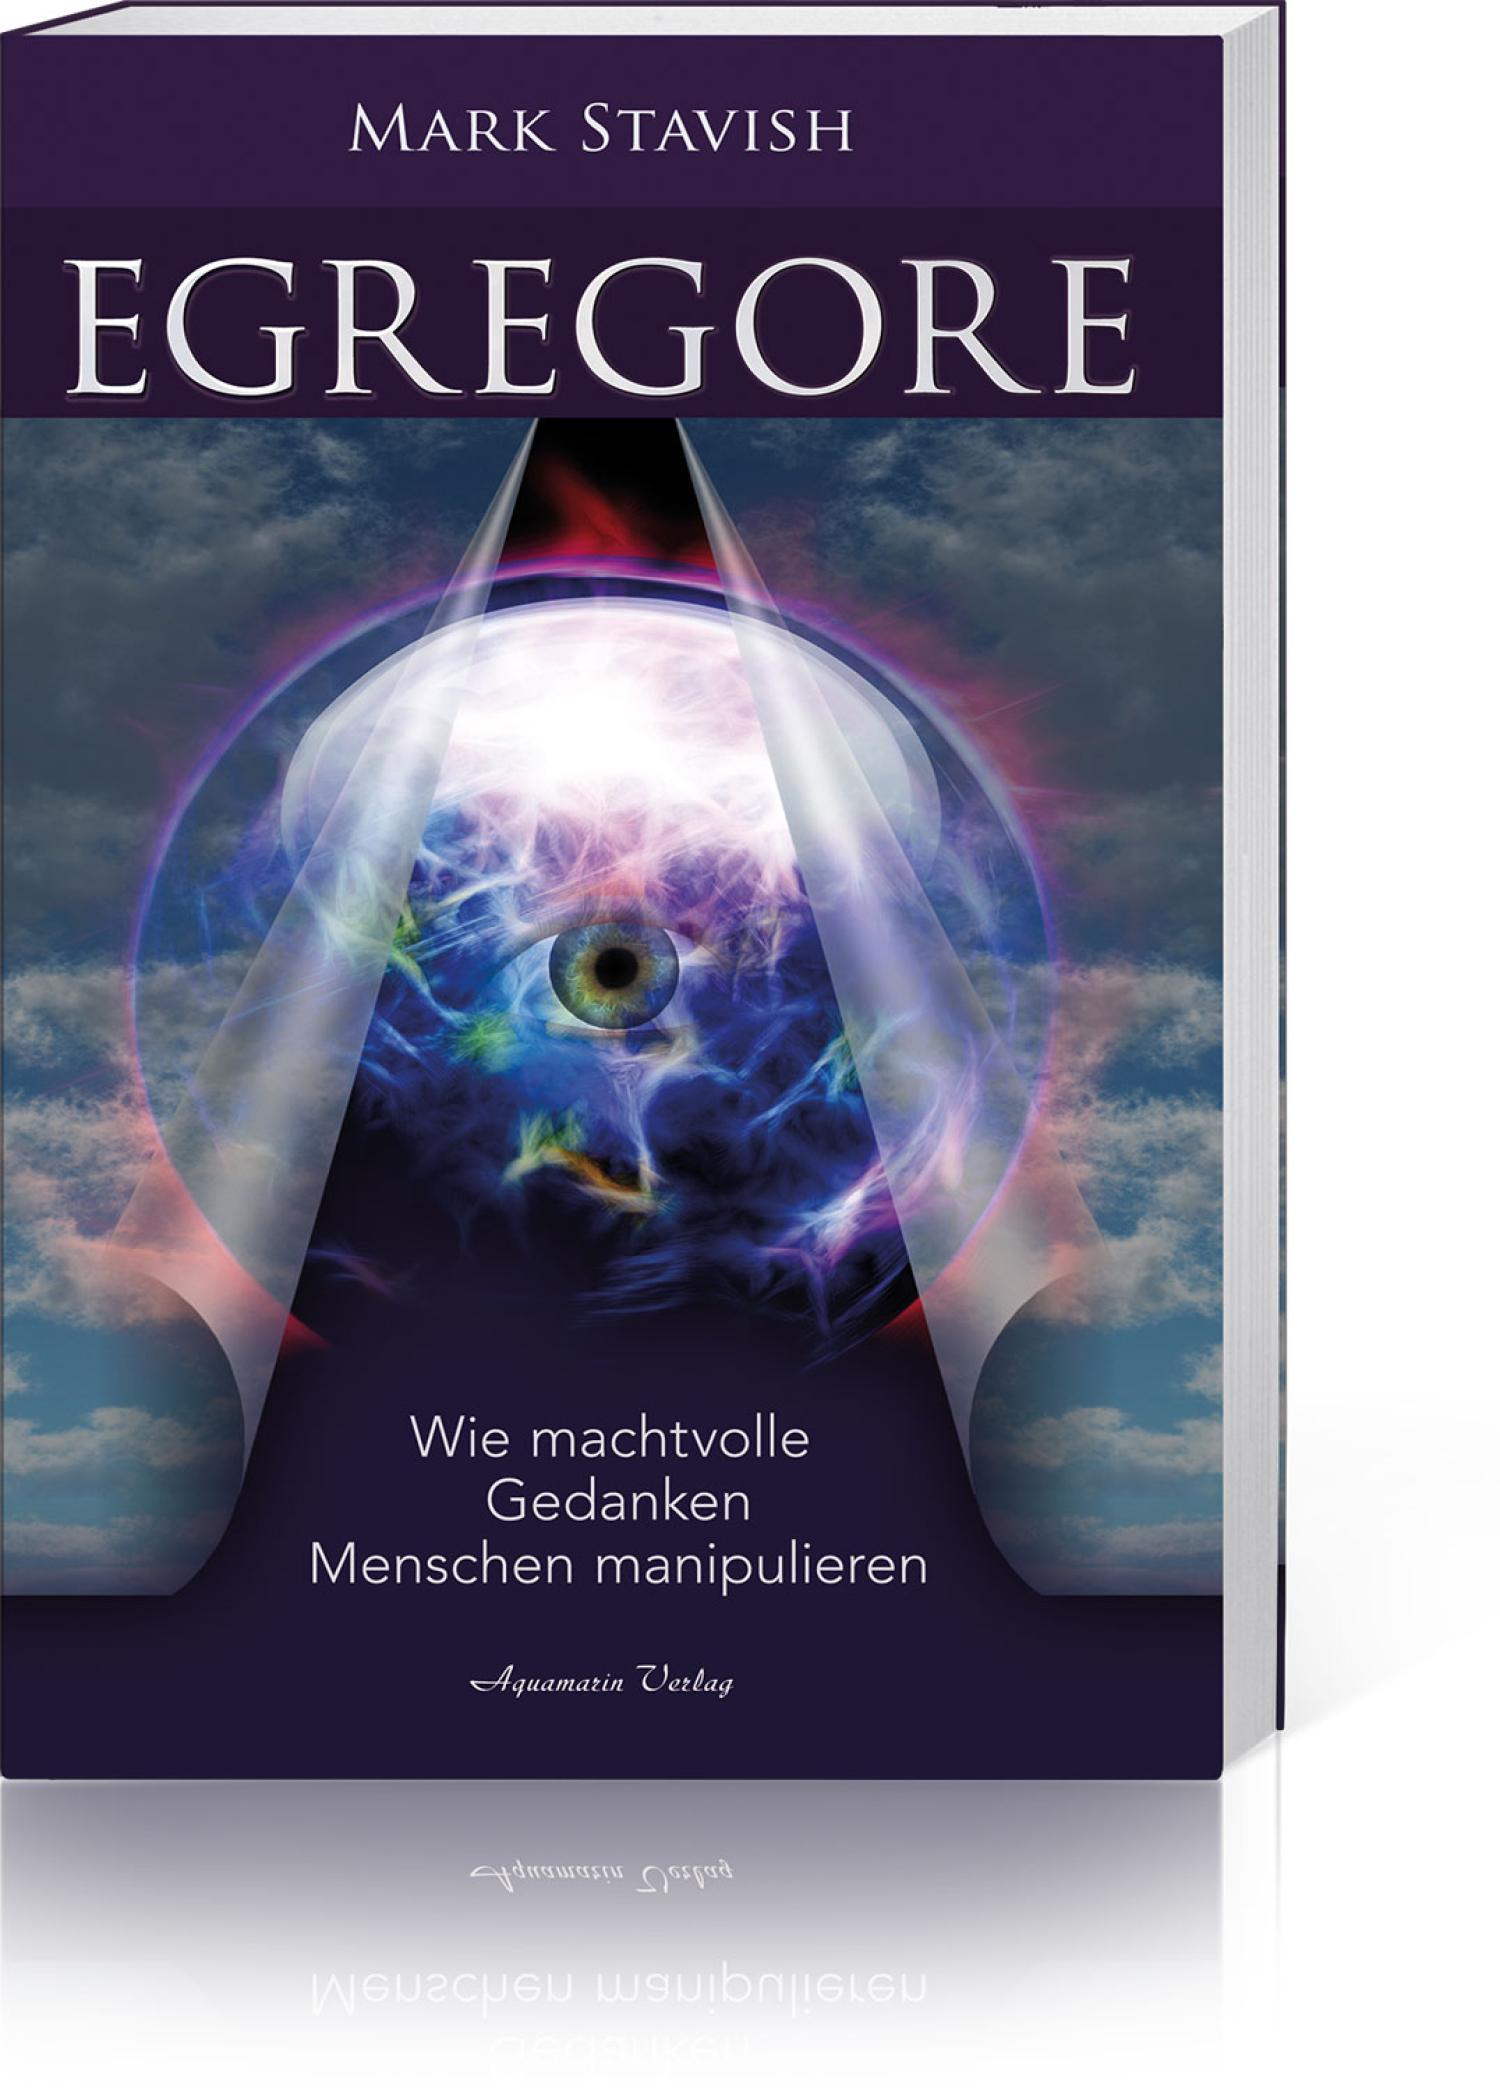 Egregore – Wie machtvolle Gedanken Menschen manipulieren, Produktbild 1